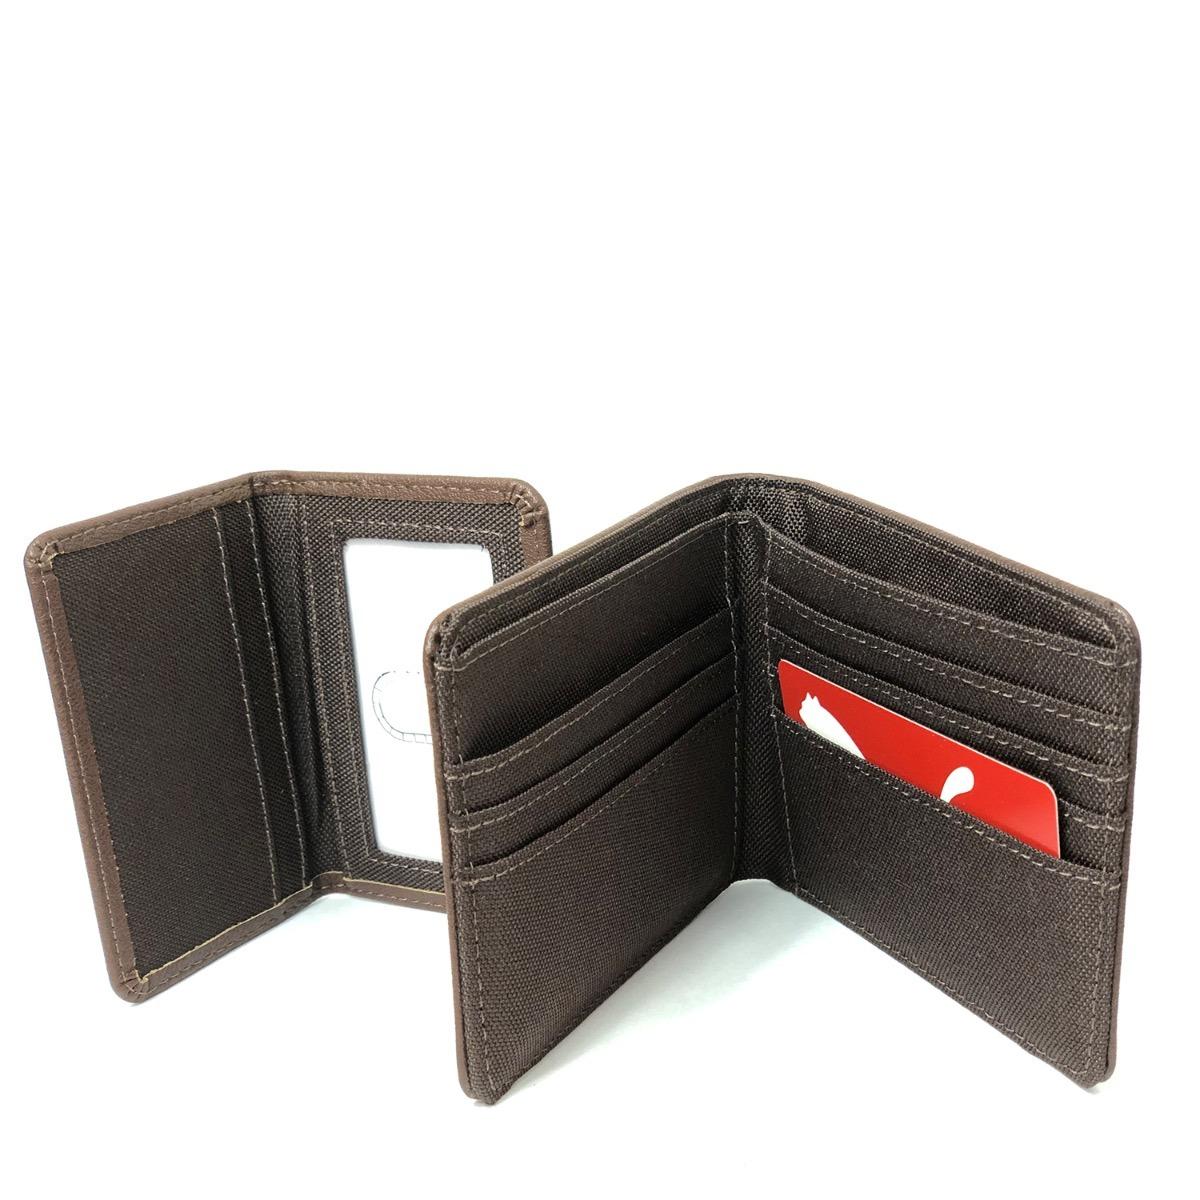 0389fd24f3e3c carteira puma couro + mini-carteira pm 16. Carregando zoom.